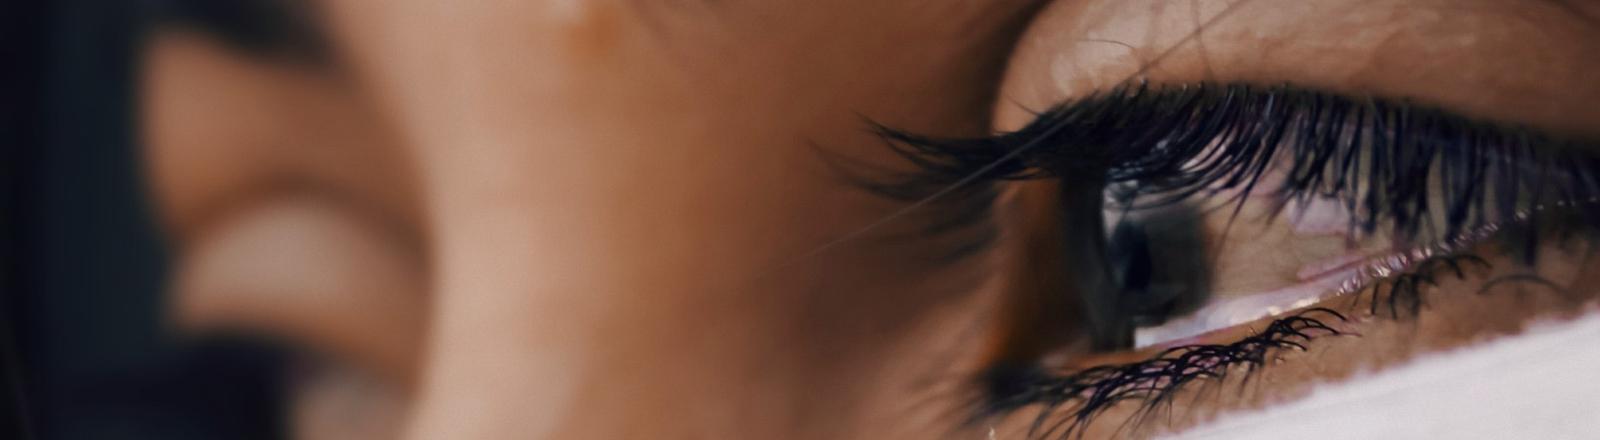 Ein tränendes Auge.